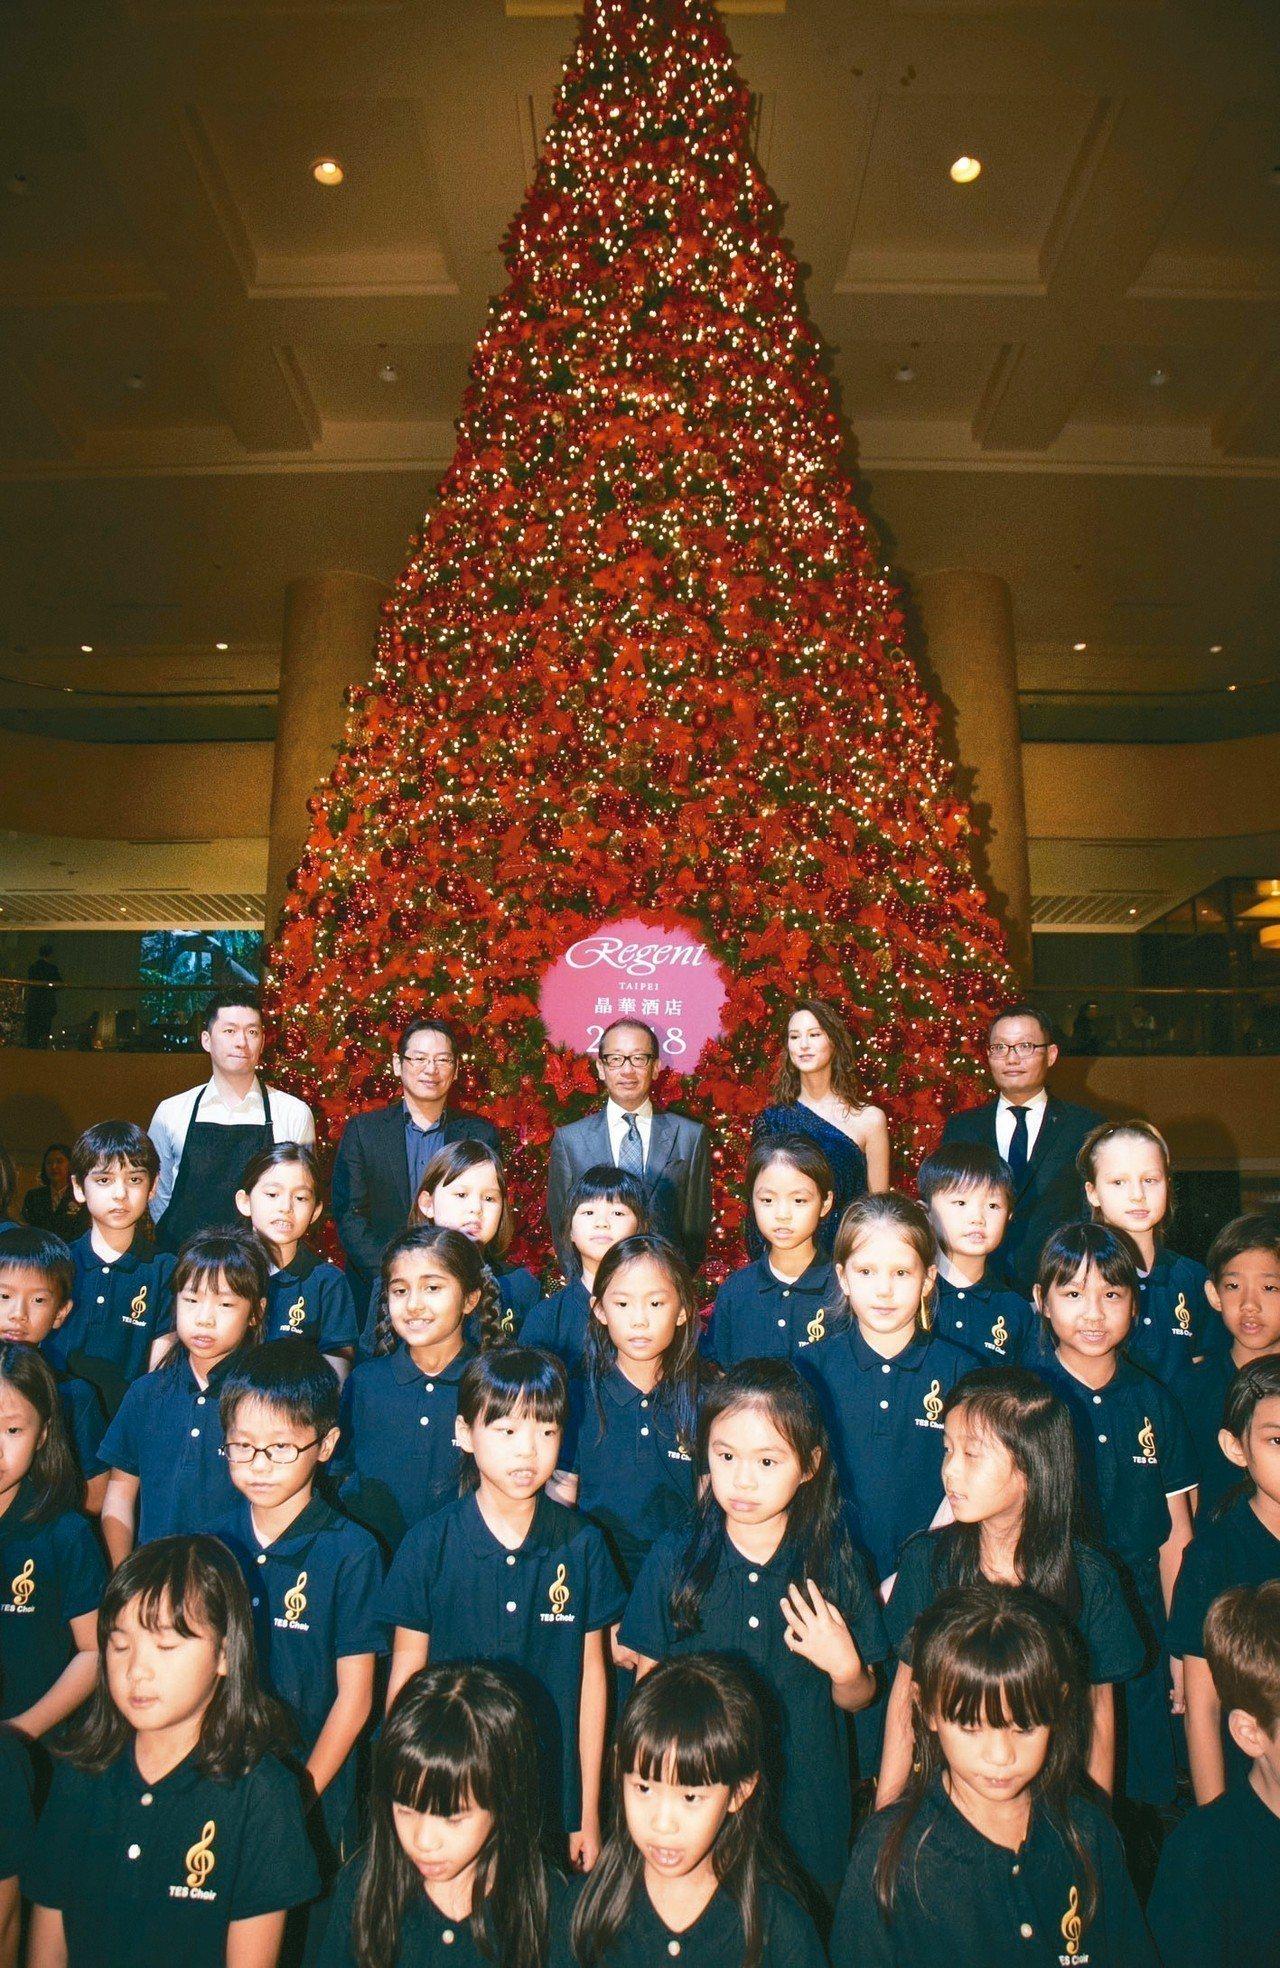 台北晶華酒店遵循著延續了26年的傳統,今搭建起三層樓高的耶誕樹。 晶華酒店/提供